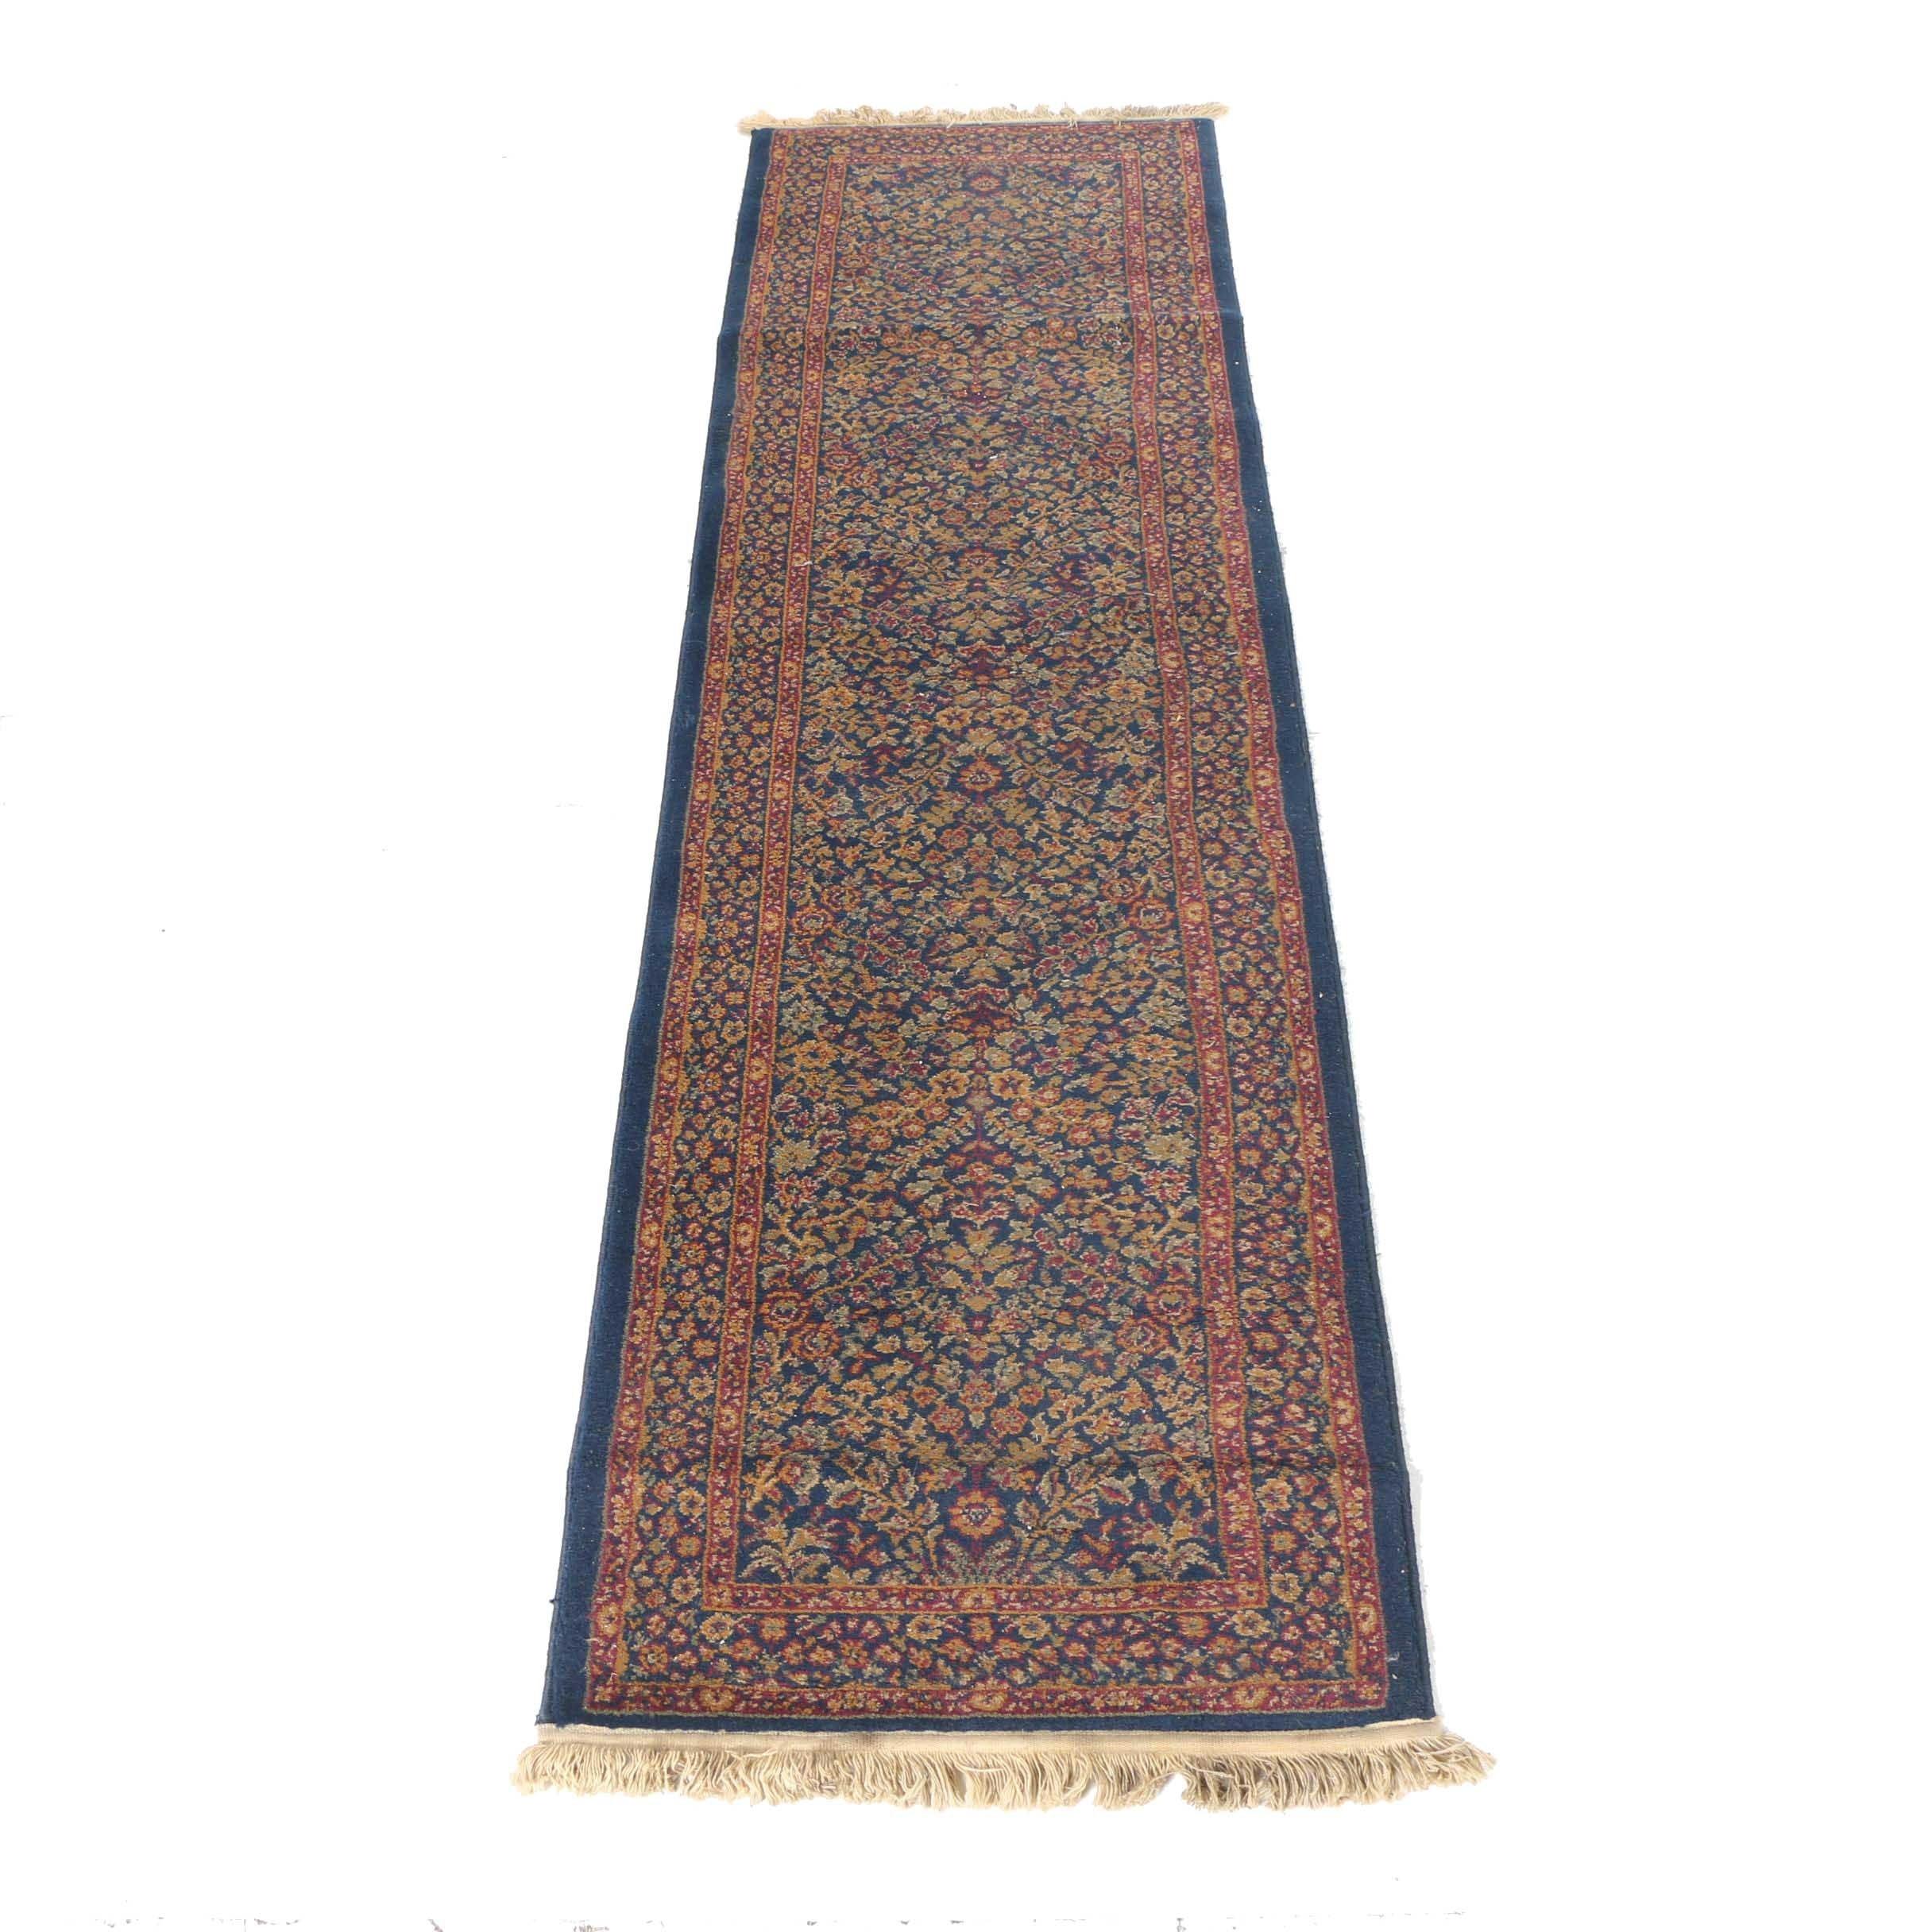 Machine Made Persian Style Carpet Runner